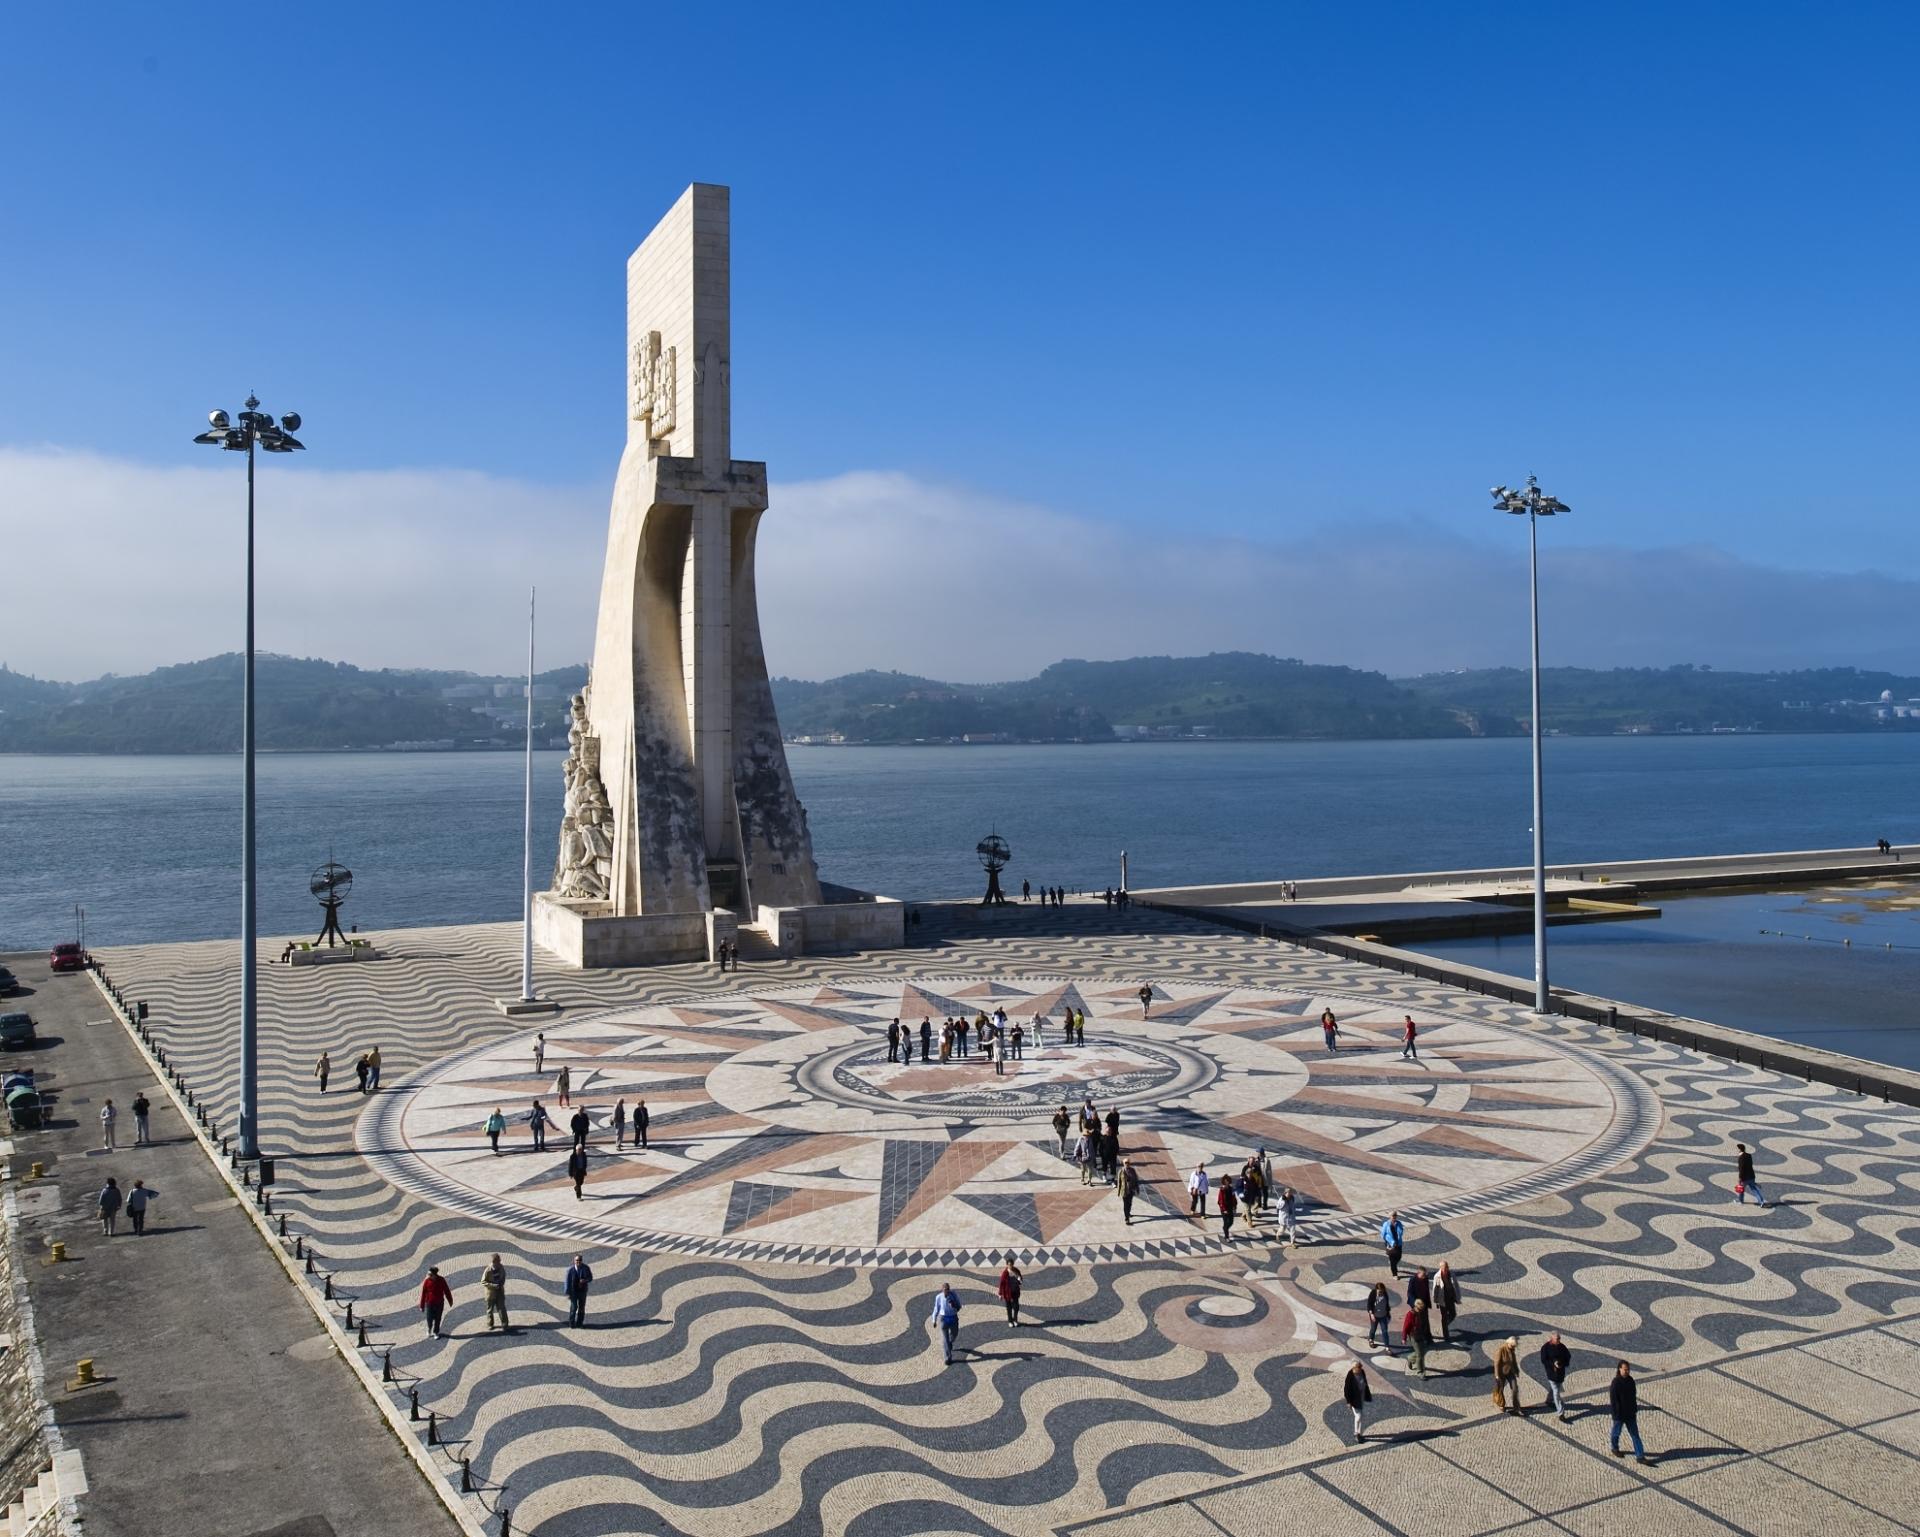 Padrao e zona Ribeirinha de Lisboa